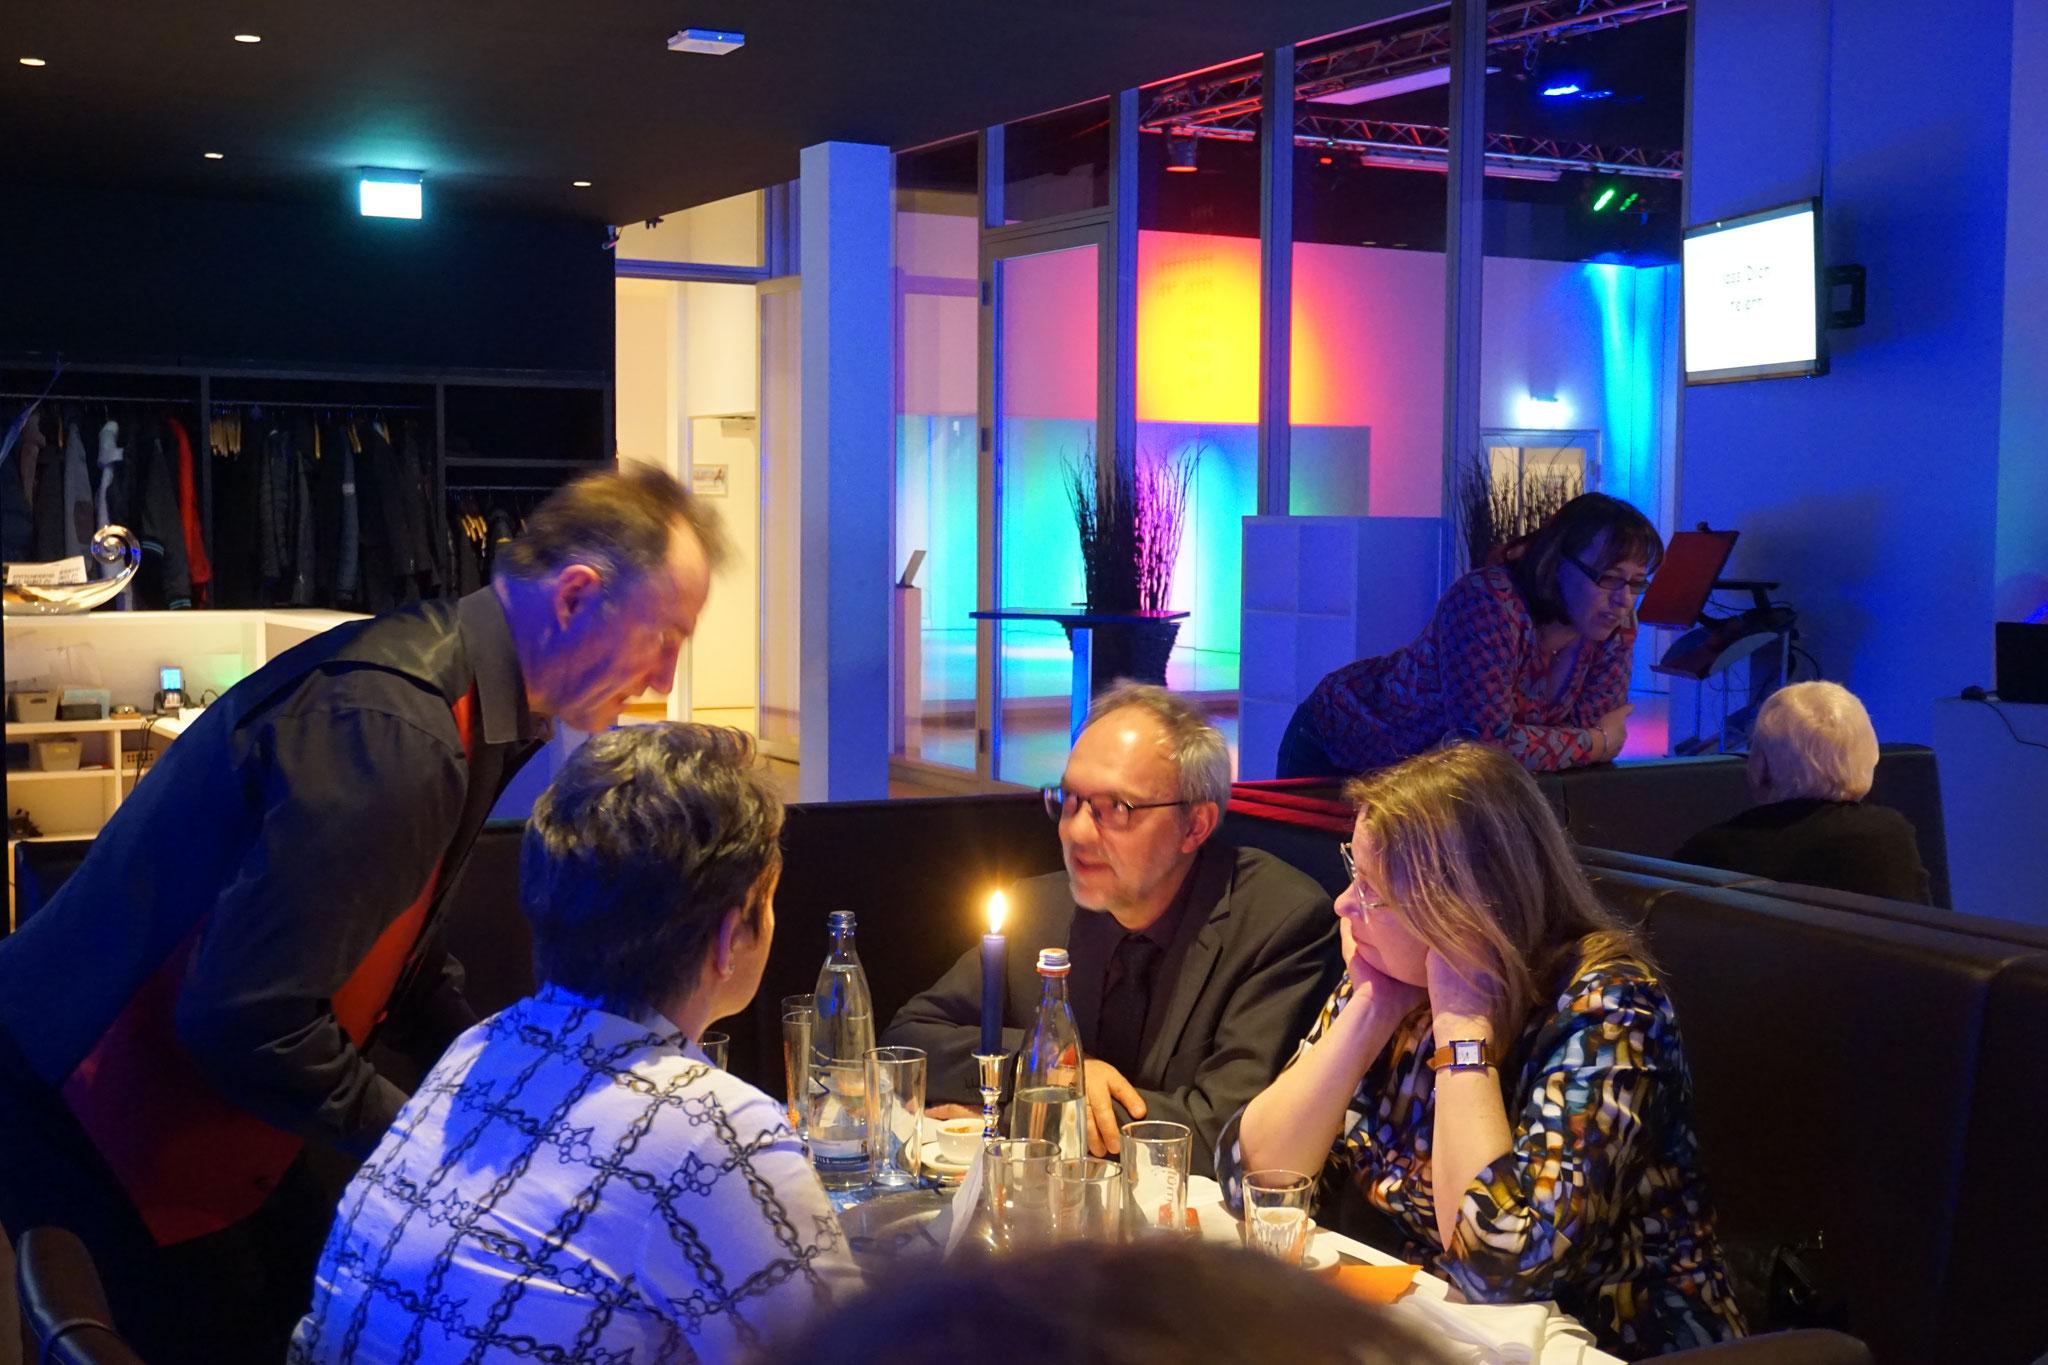 Der Close-Up Zauberer & die Zauberin die Symbiose der Close-Up Magie. Table hopping ist eine Kunst direkt unter den Augen an den Tischen ganz nah dran. Die Tischzauberei kann im stehend und auch als Walking Act durchführbar und fasziniert Ihre Gäste!